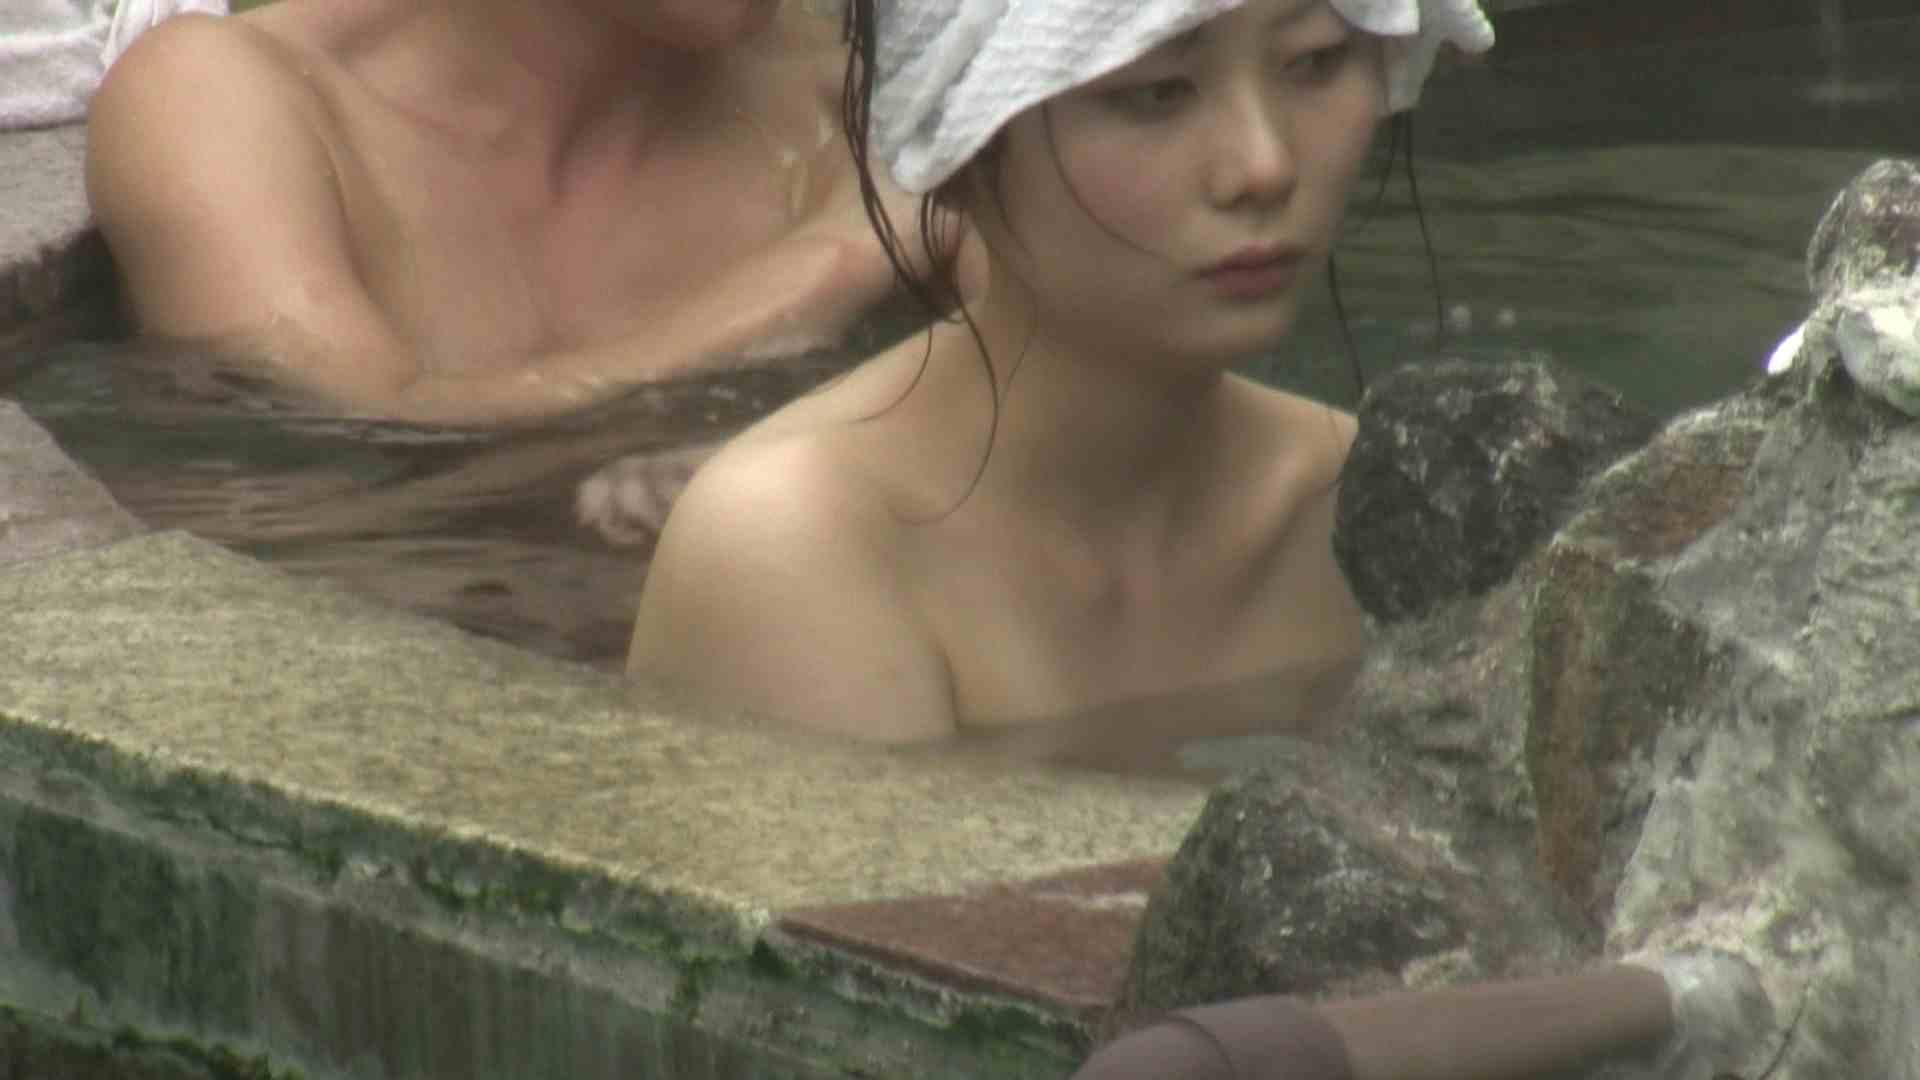 Aquaな露天風呂Vol.147 OLエロ画像  84PICs 3